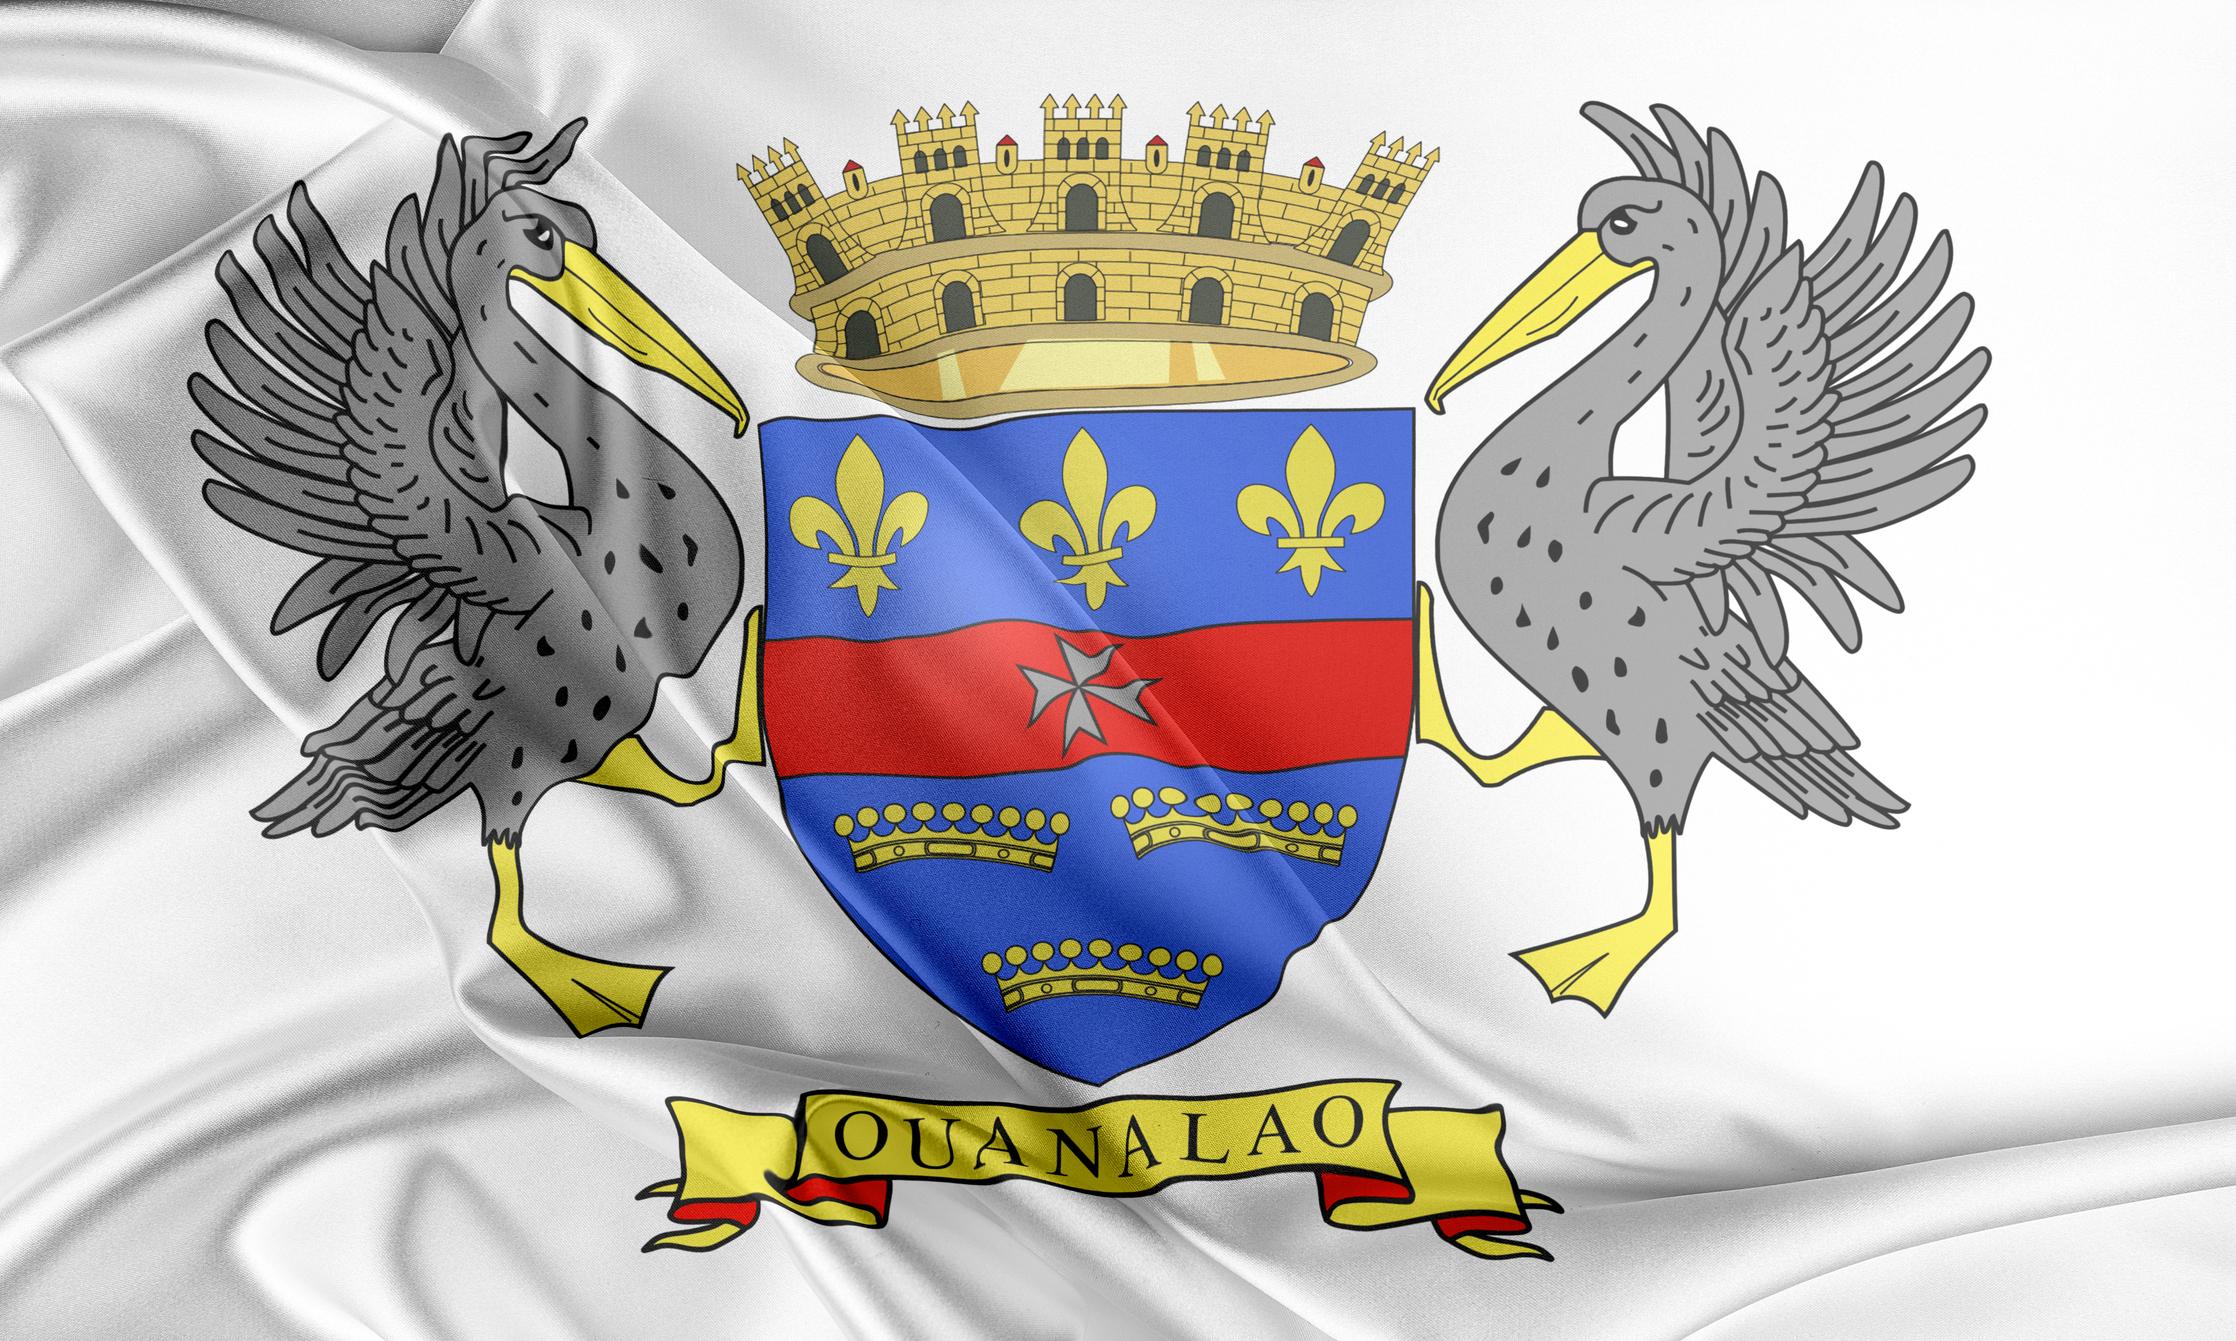 BLASON ET DRAPEAU de ST. BarthÉlemy, Collectivité TERRITORIALE d'outre-mer franÇaise